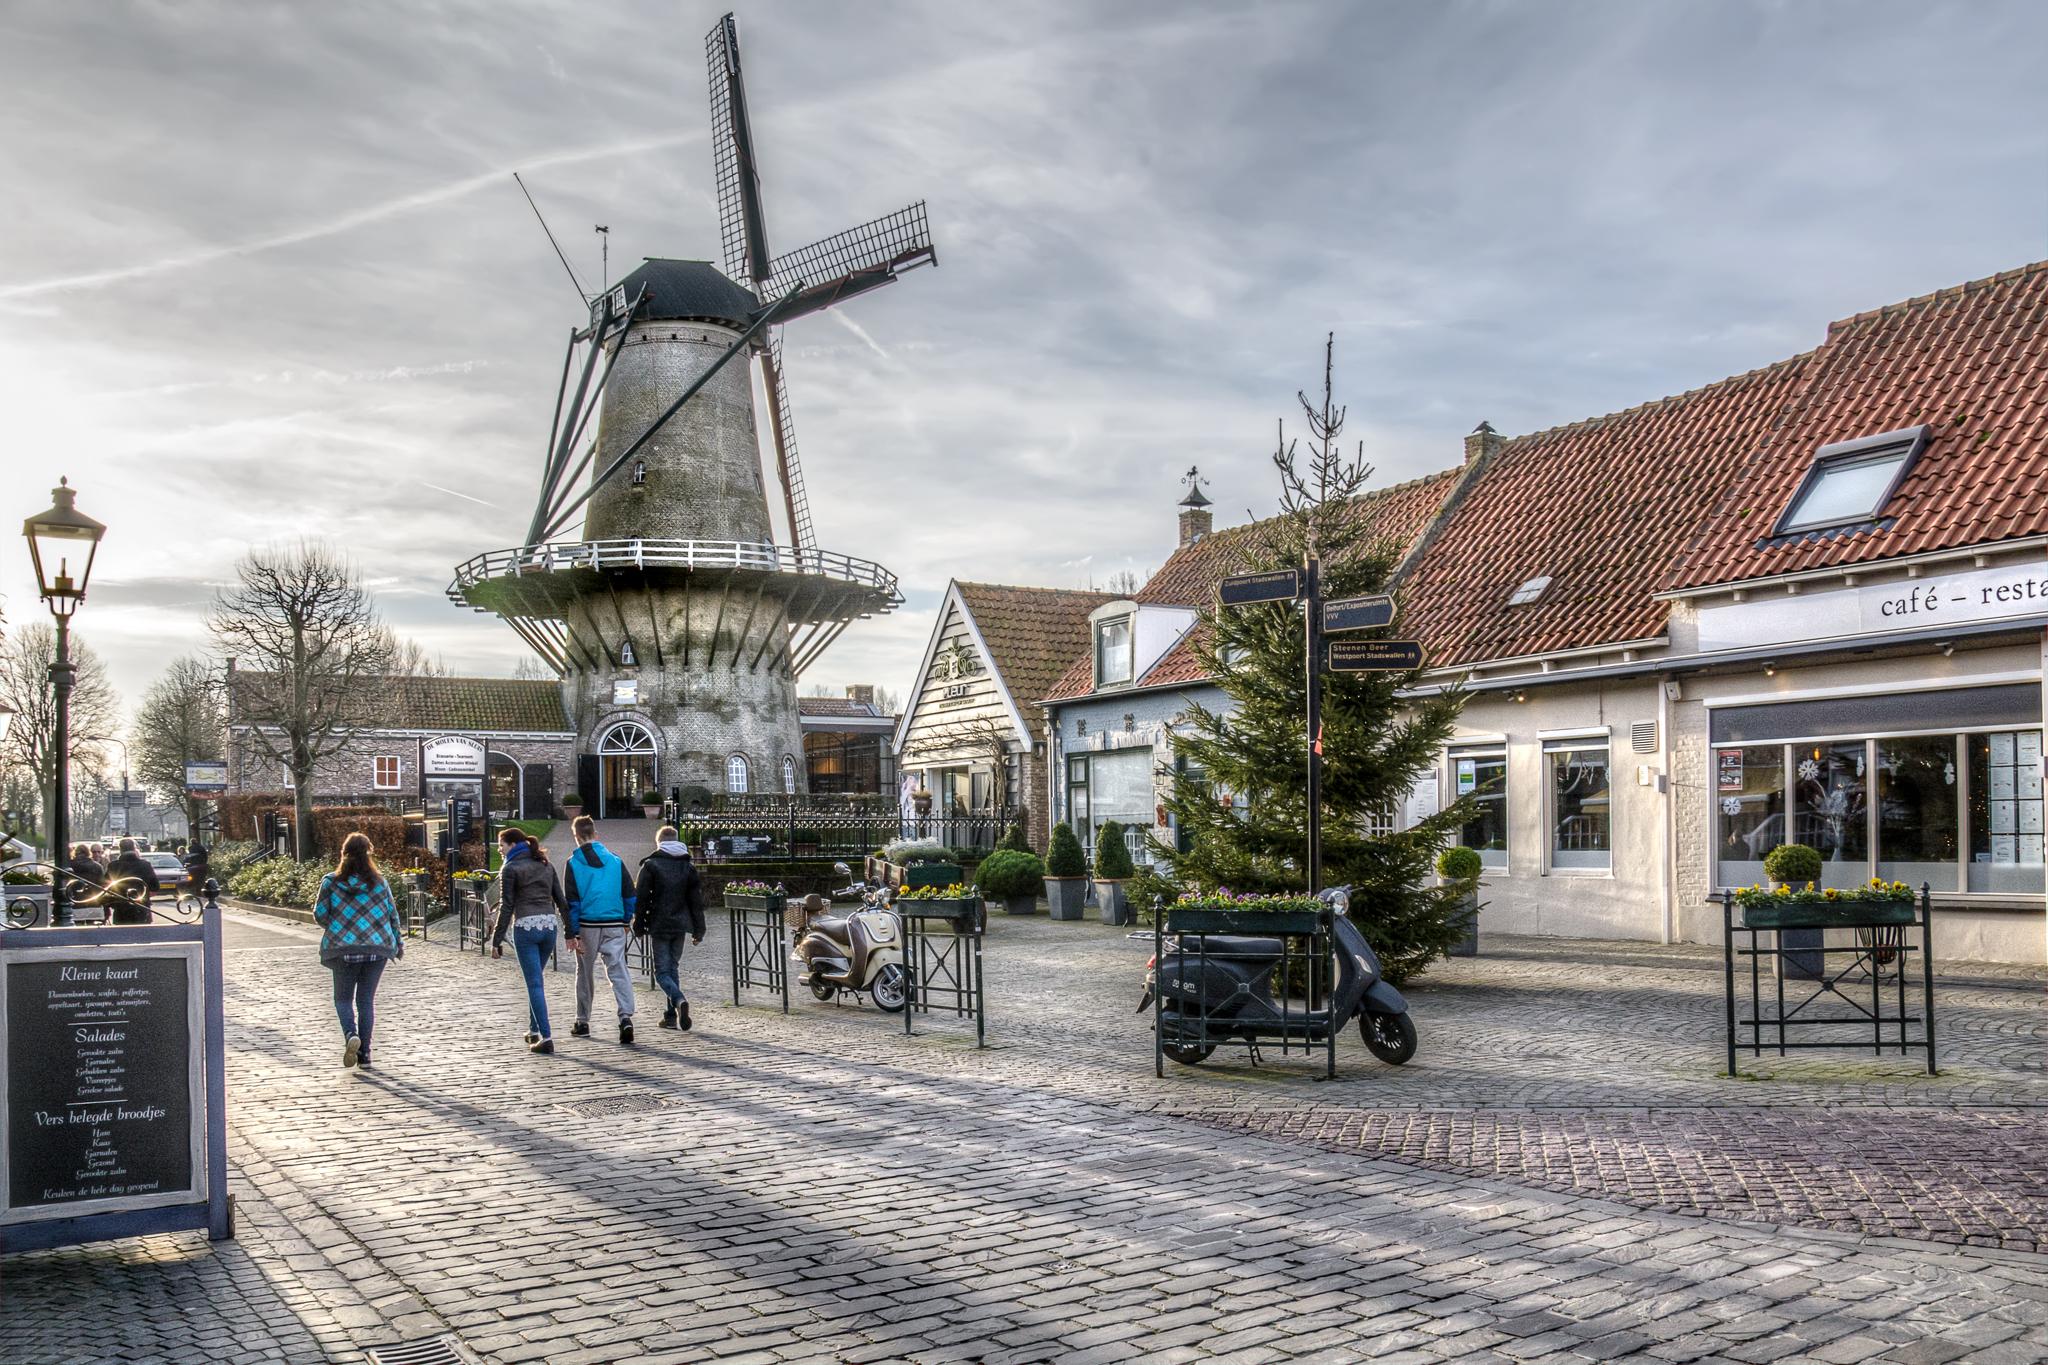 Sluis, Netherlands